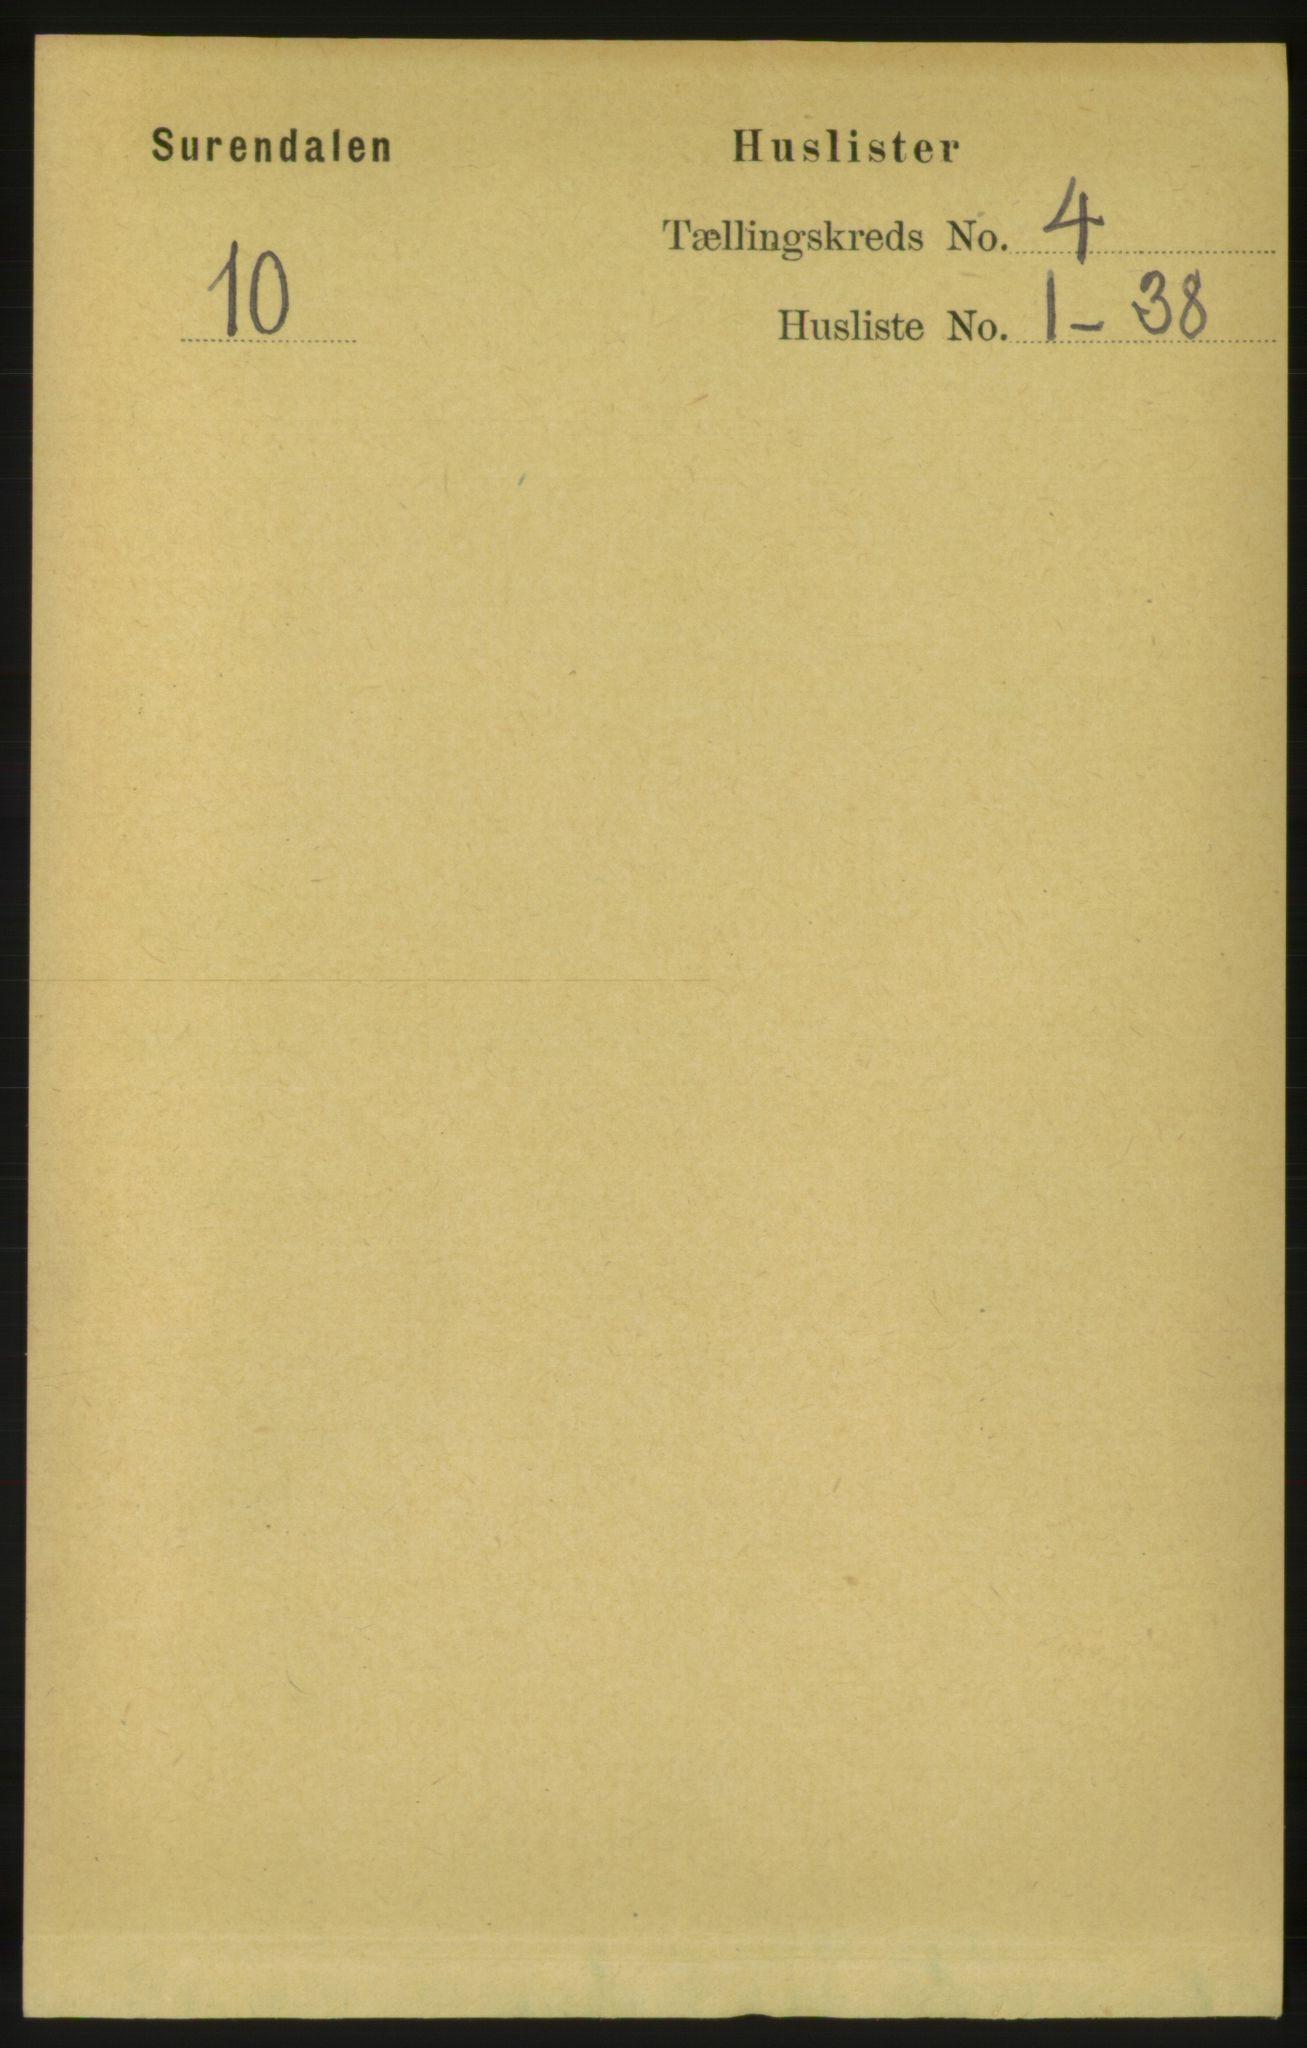 RA, Folketelling 1891 for 1566 Surnadal herred, 1891, s. 1022